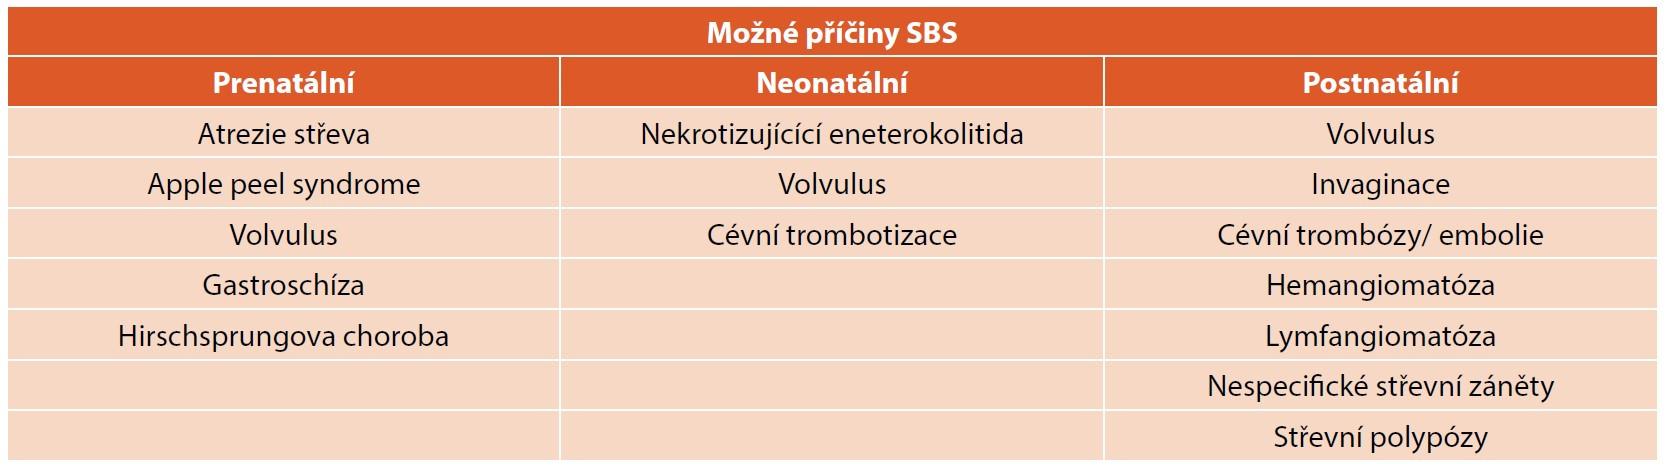 Příčiny extenzivních intestinálních resekcí vedoucích potenciálně k syndromu krátkého střeva (SBS).